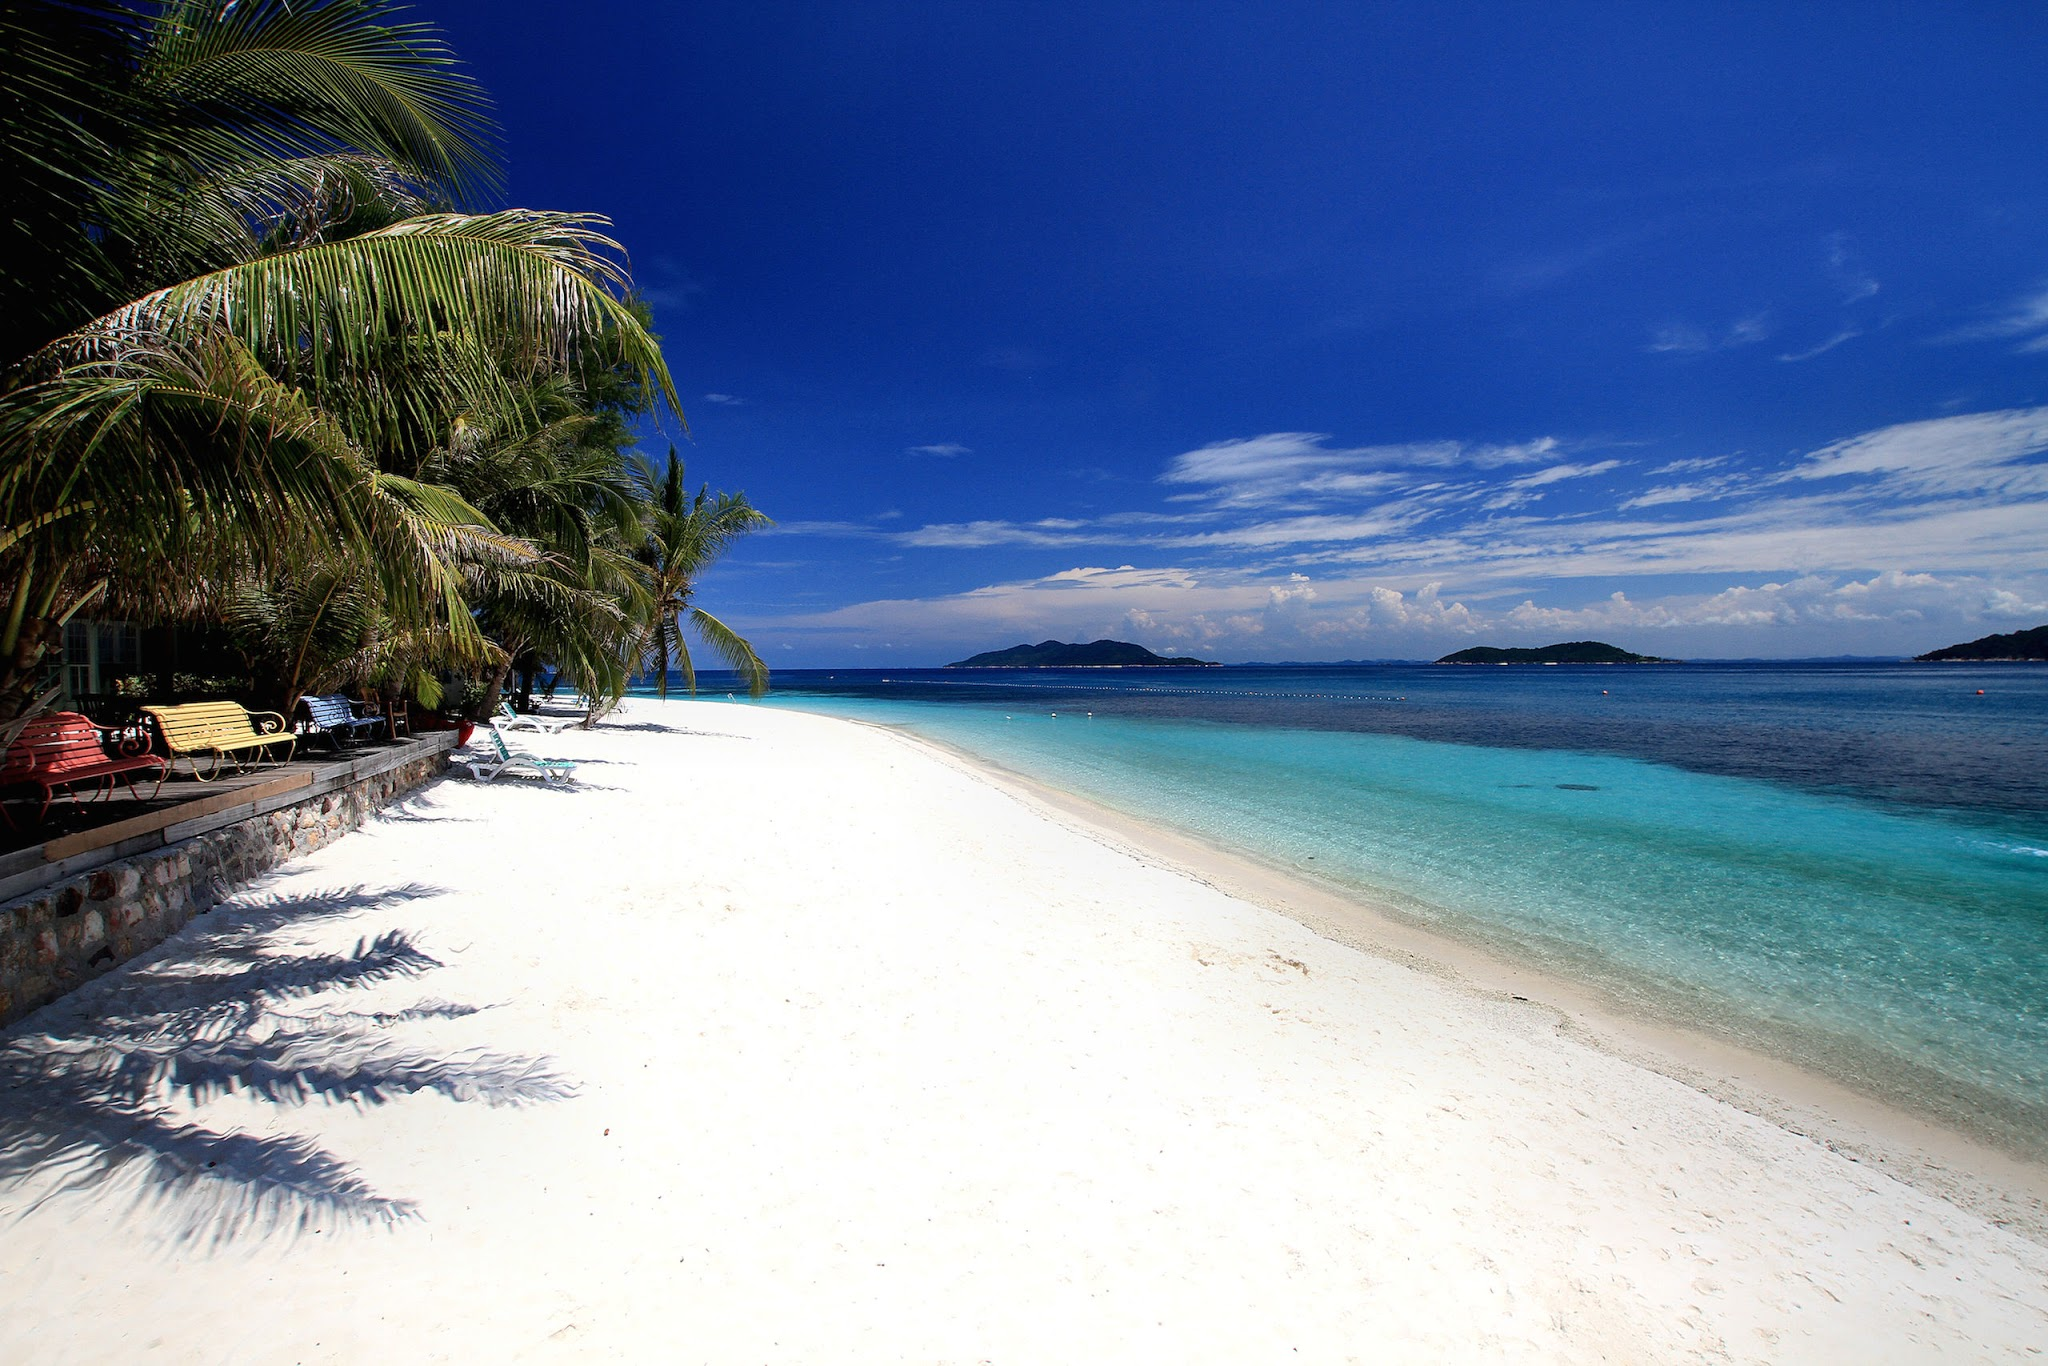 美しすぎる 海の壁紙 まとめ Pc向け壁紙画像2560px以上 Idea